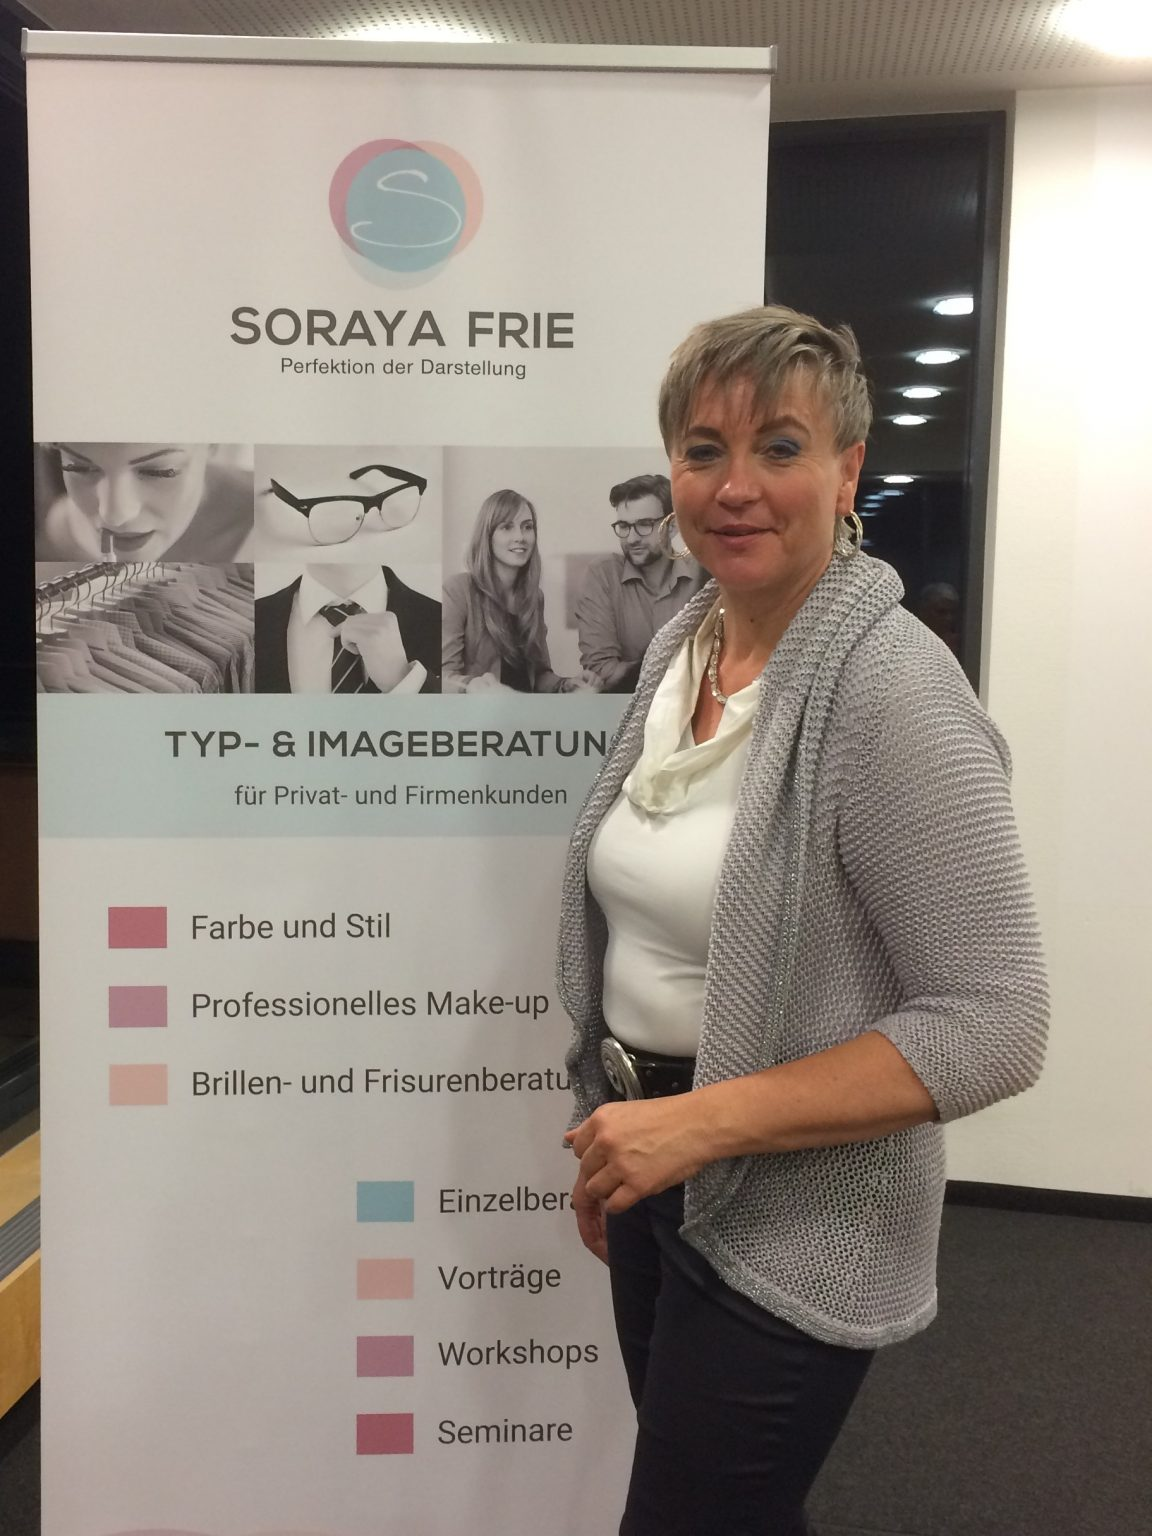 Soraya Frie -schneller- schoen sein und bleiben in der NRK